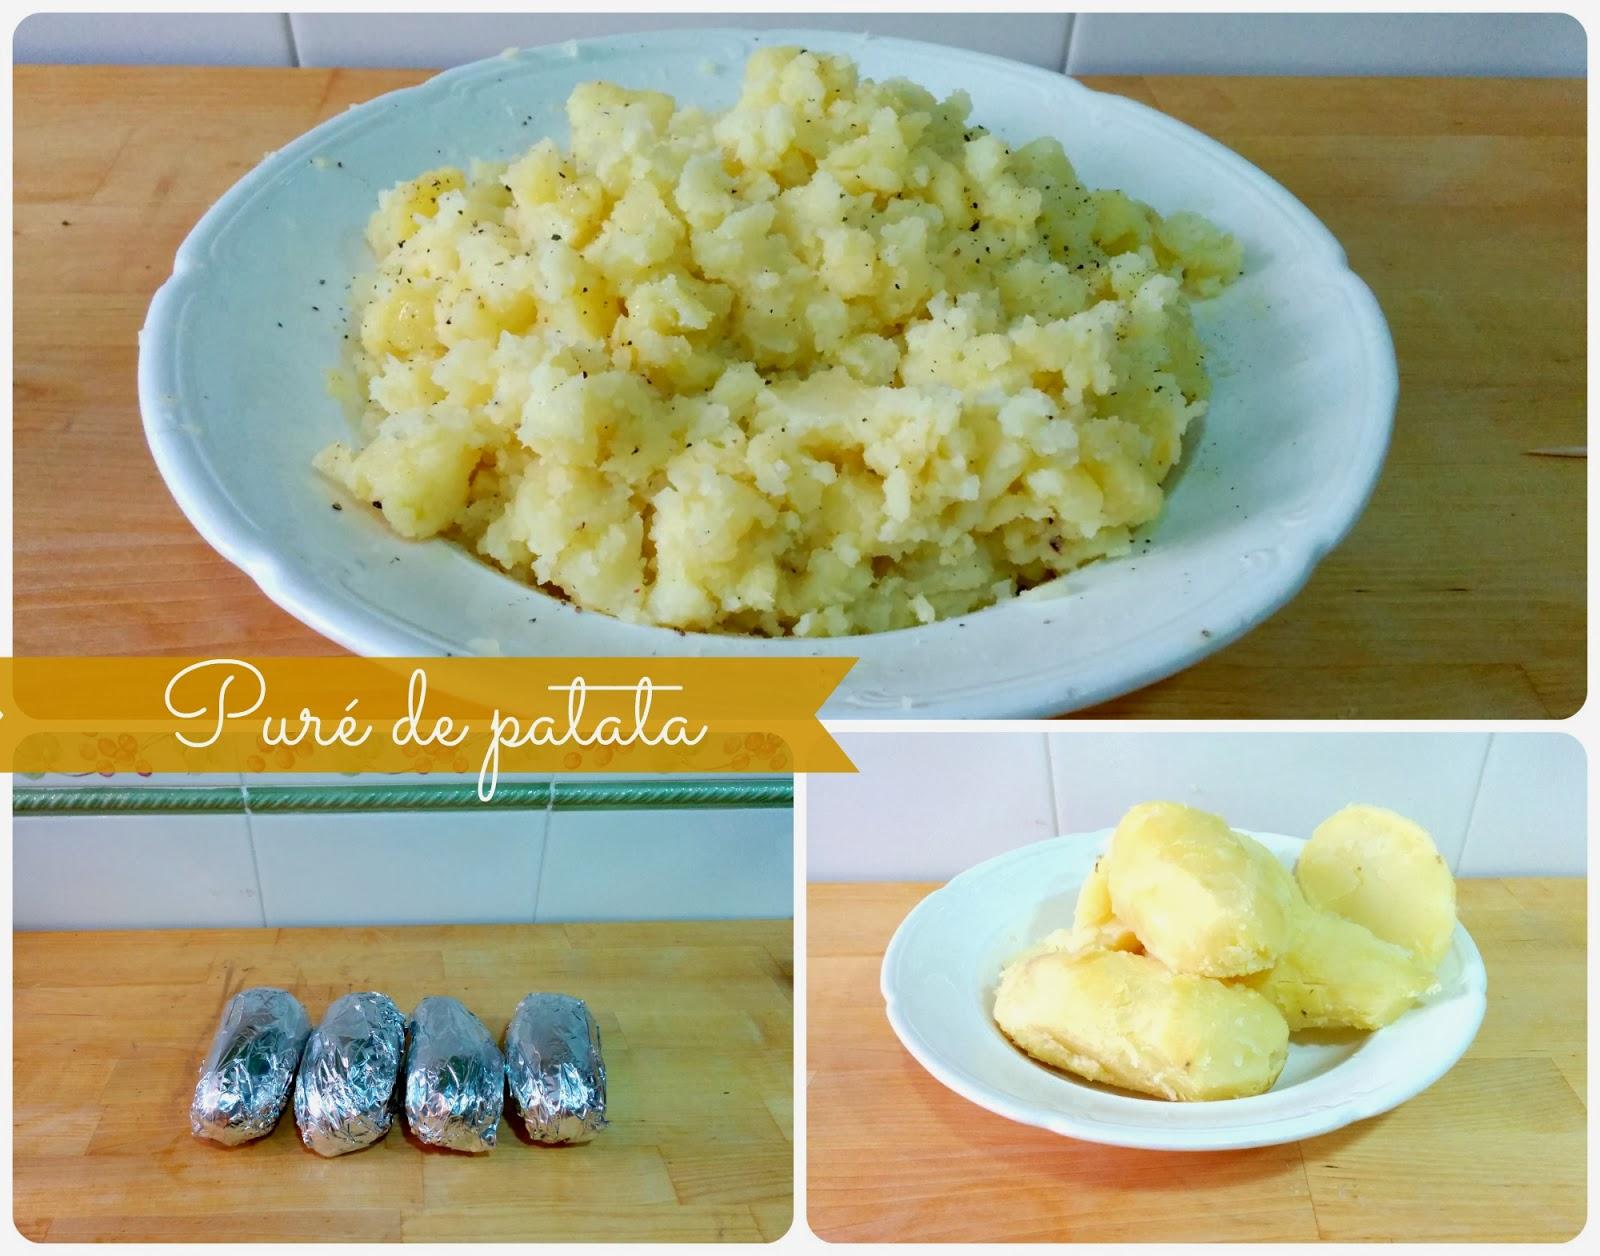 Puré de patata asada acompañamiento de solomillo de cerdo y salsa braten